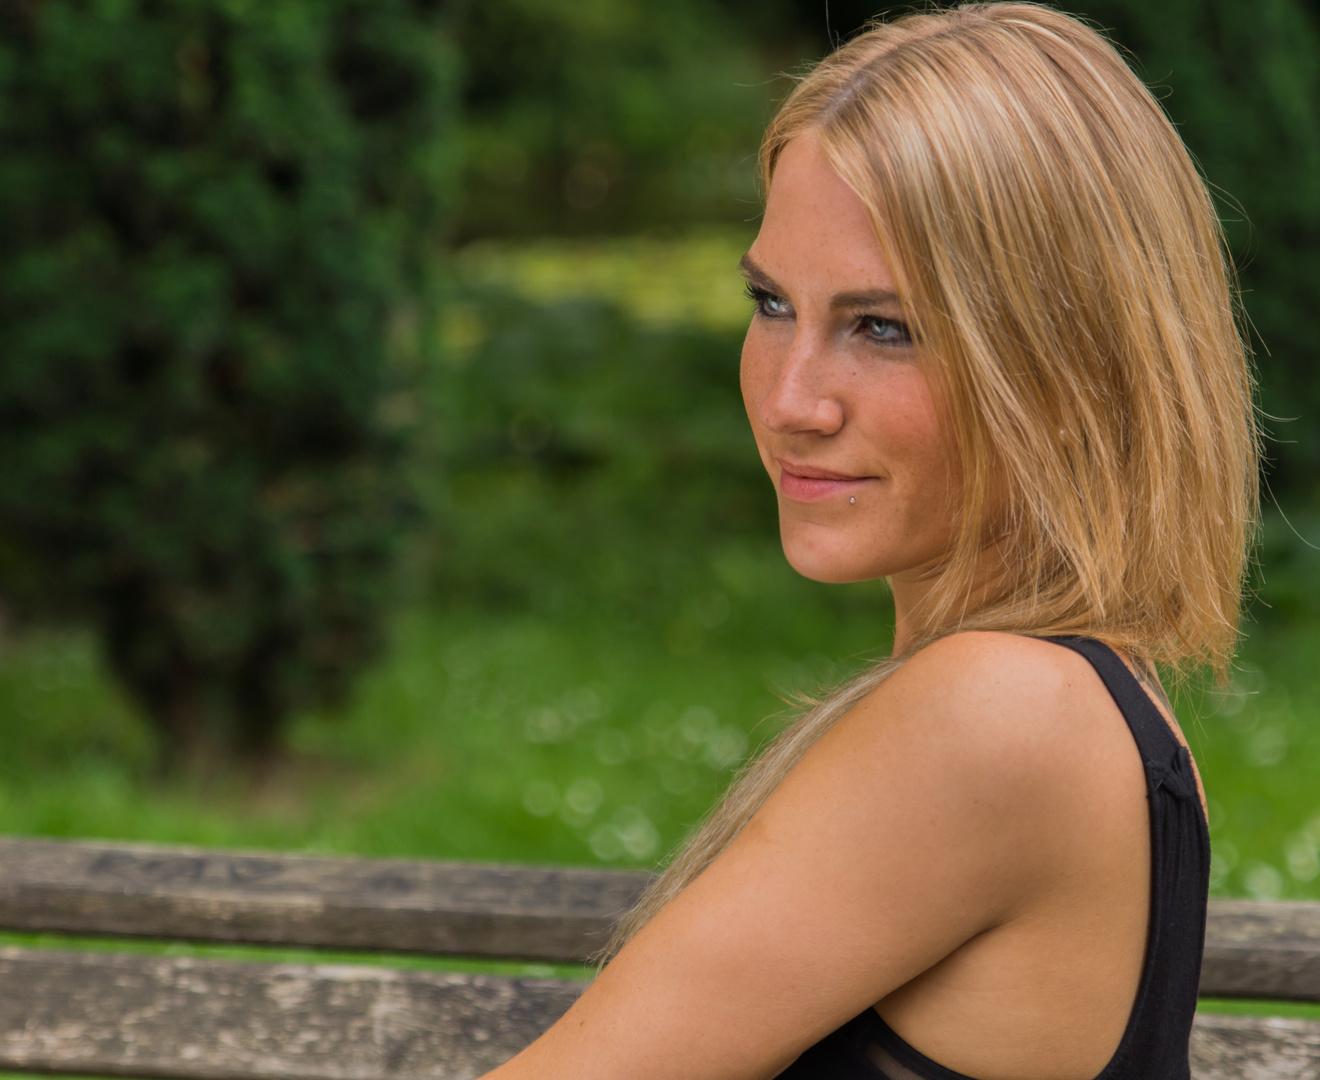 Lisa XVIII